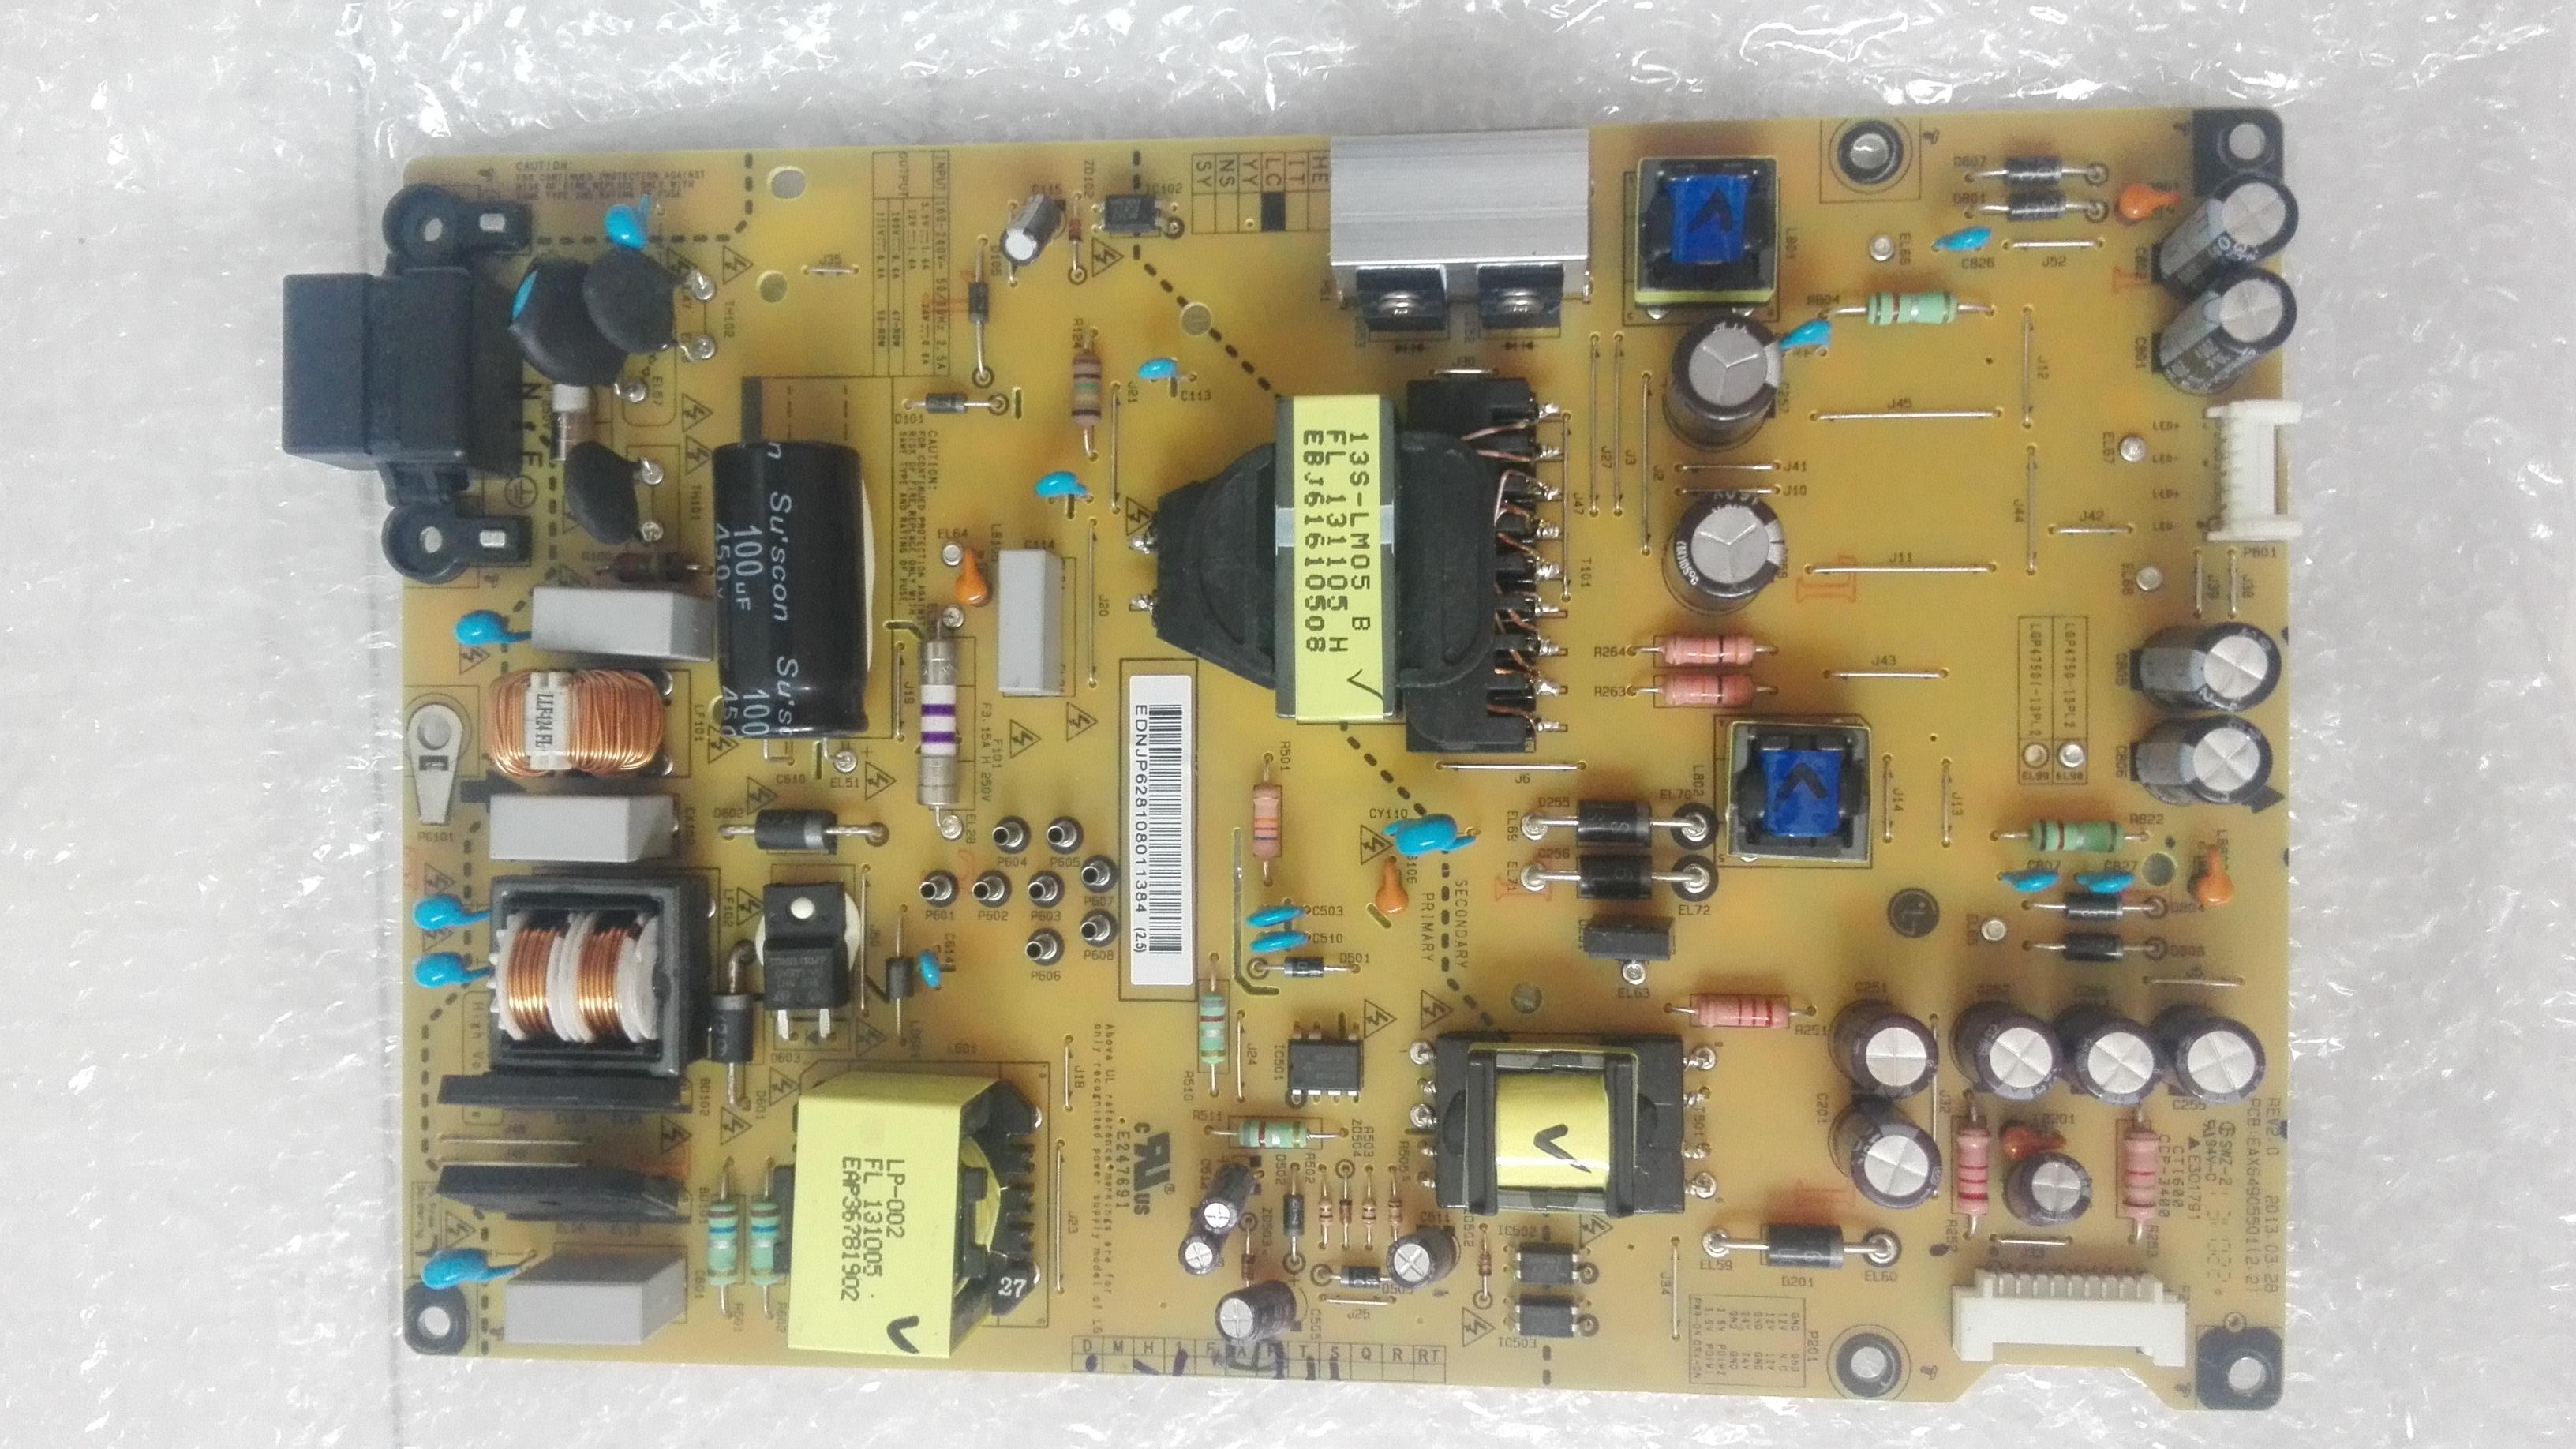 LG47LA519C-CC47 - Zoll - LCD - flachbild - fernseher Power Boost - hochdruck - hintergrundbeleuchtung konstantstrom - Vorstand LY2679